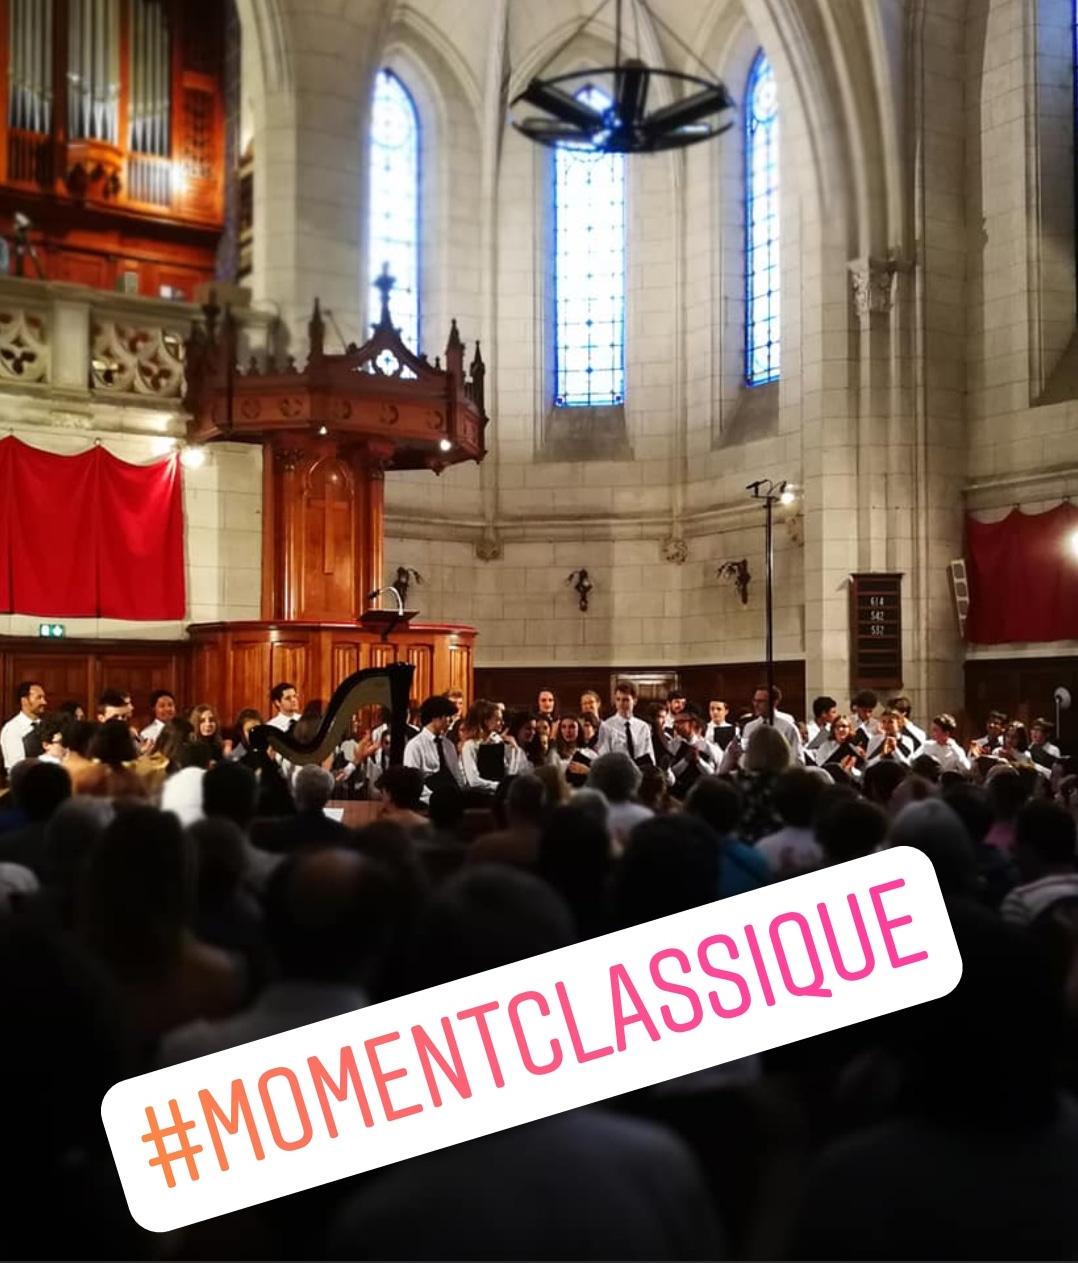 Concert de la maitrise de Toulouse, hashtag MomentClassique